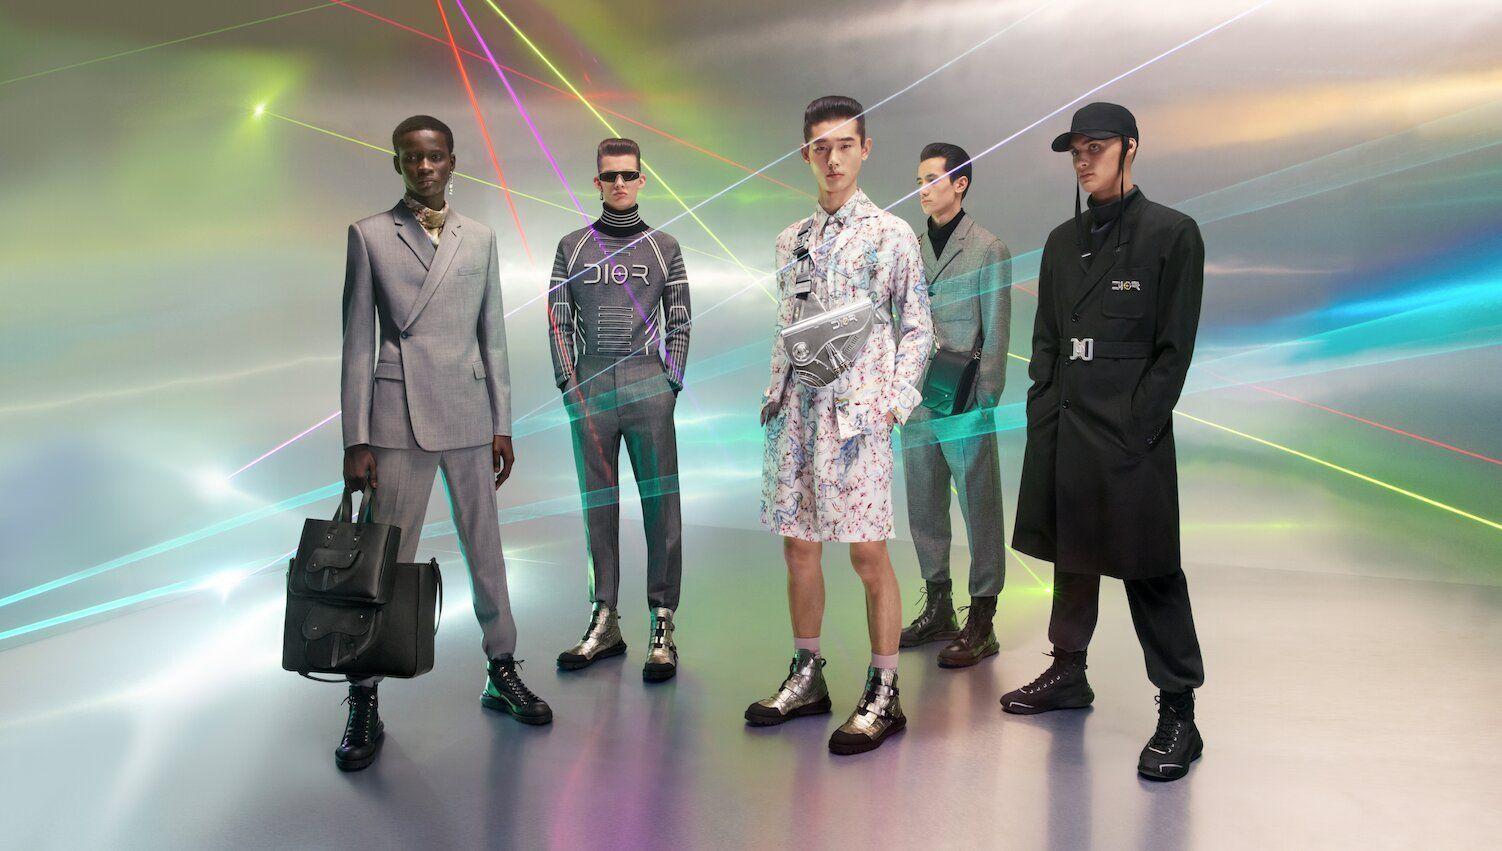 La gran obsesión de los diseñadores en 2019 es el futuro